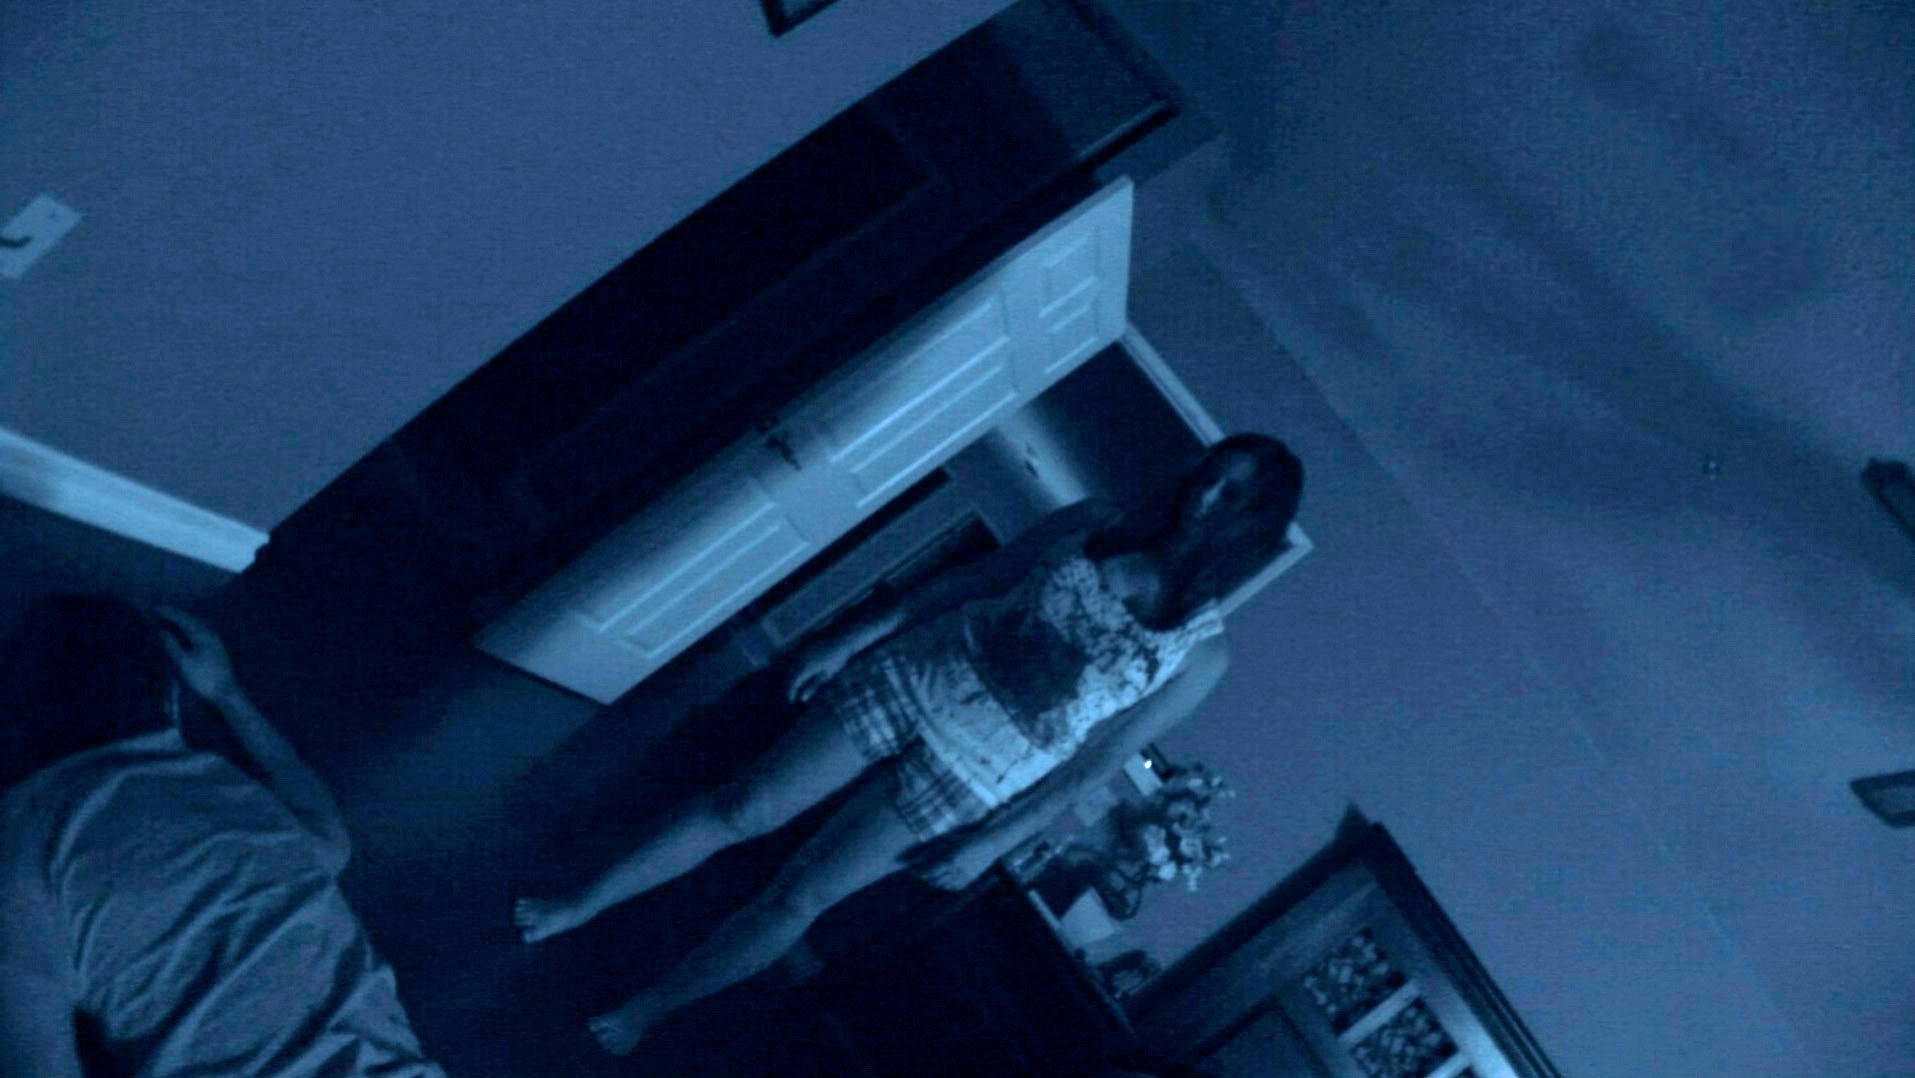 Katie eerily standing over the dead body of her husband